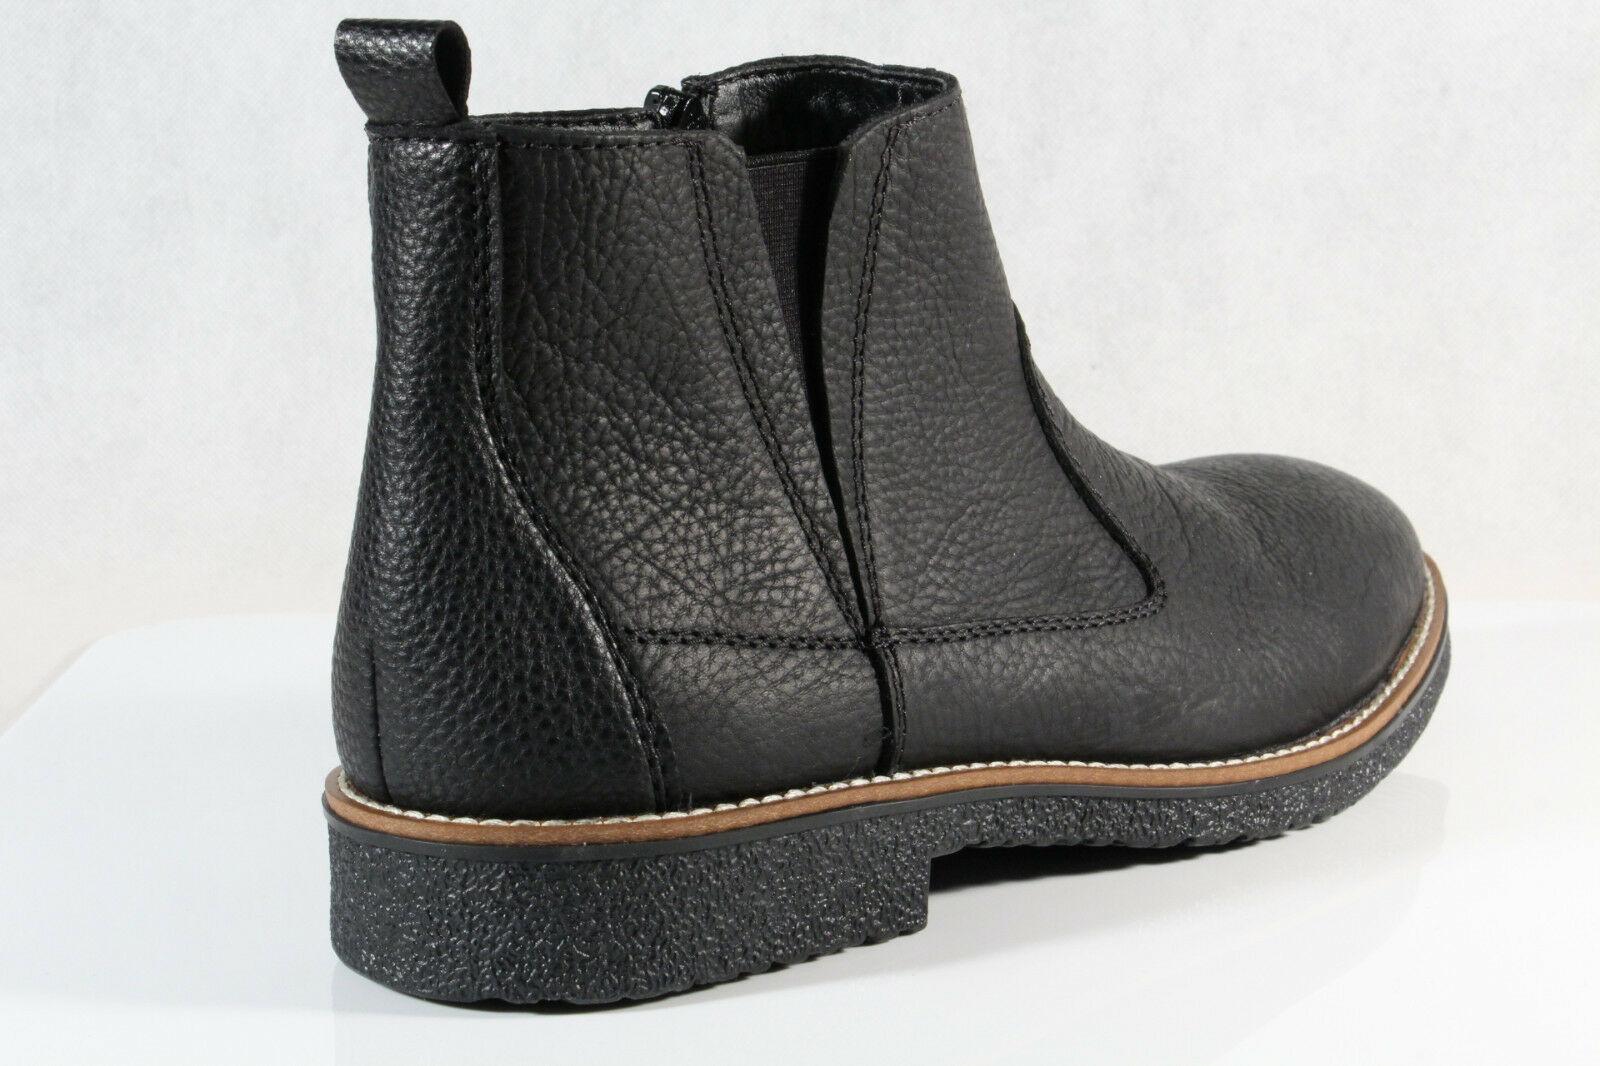 Rieker Herren Stiefel Stiefelette Stiefelette Stiefelette Stiefeletten Stiefel schwarz 33660 Echtleder NEU 9090bc